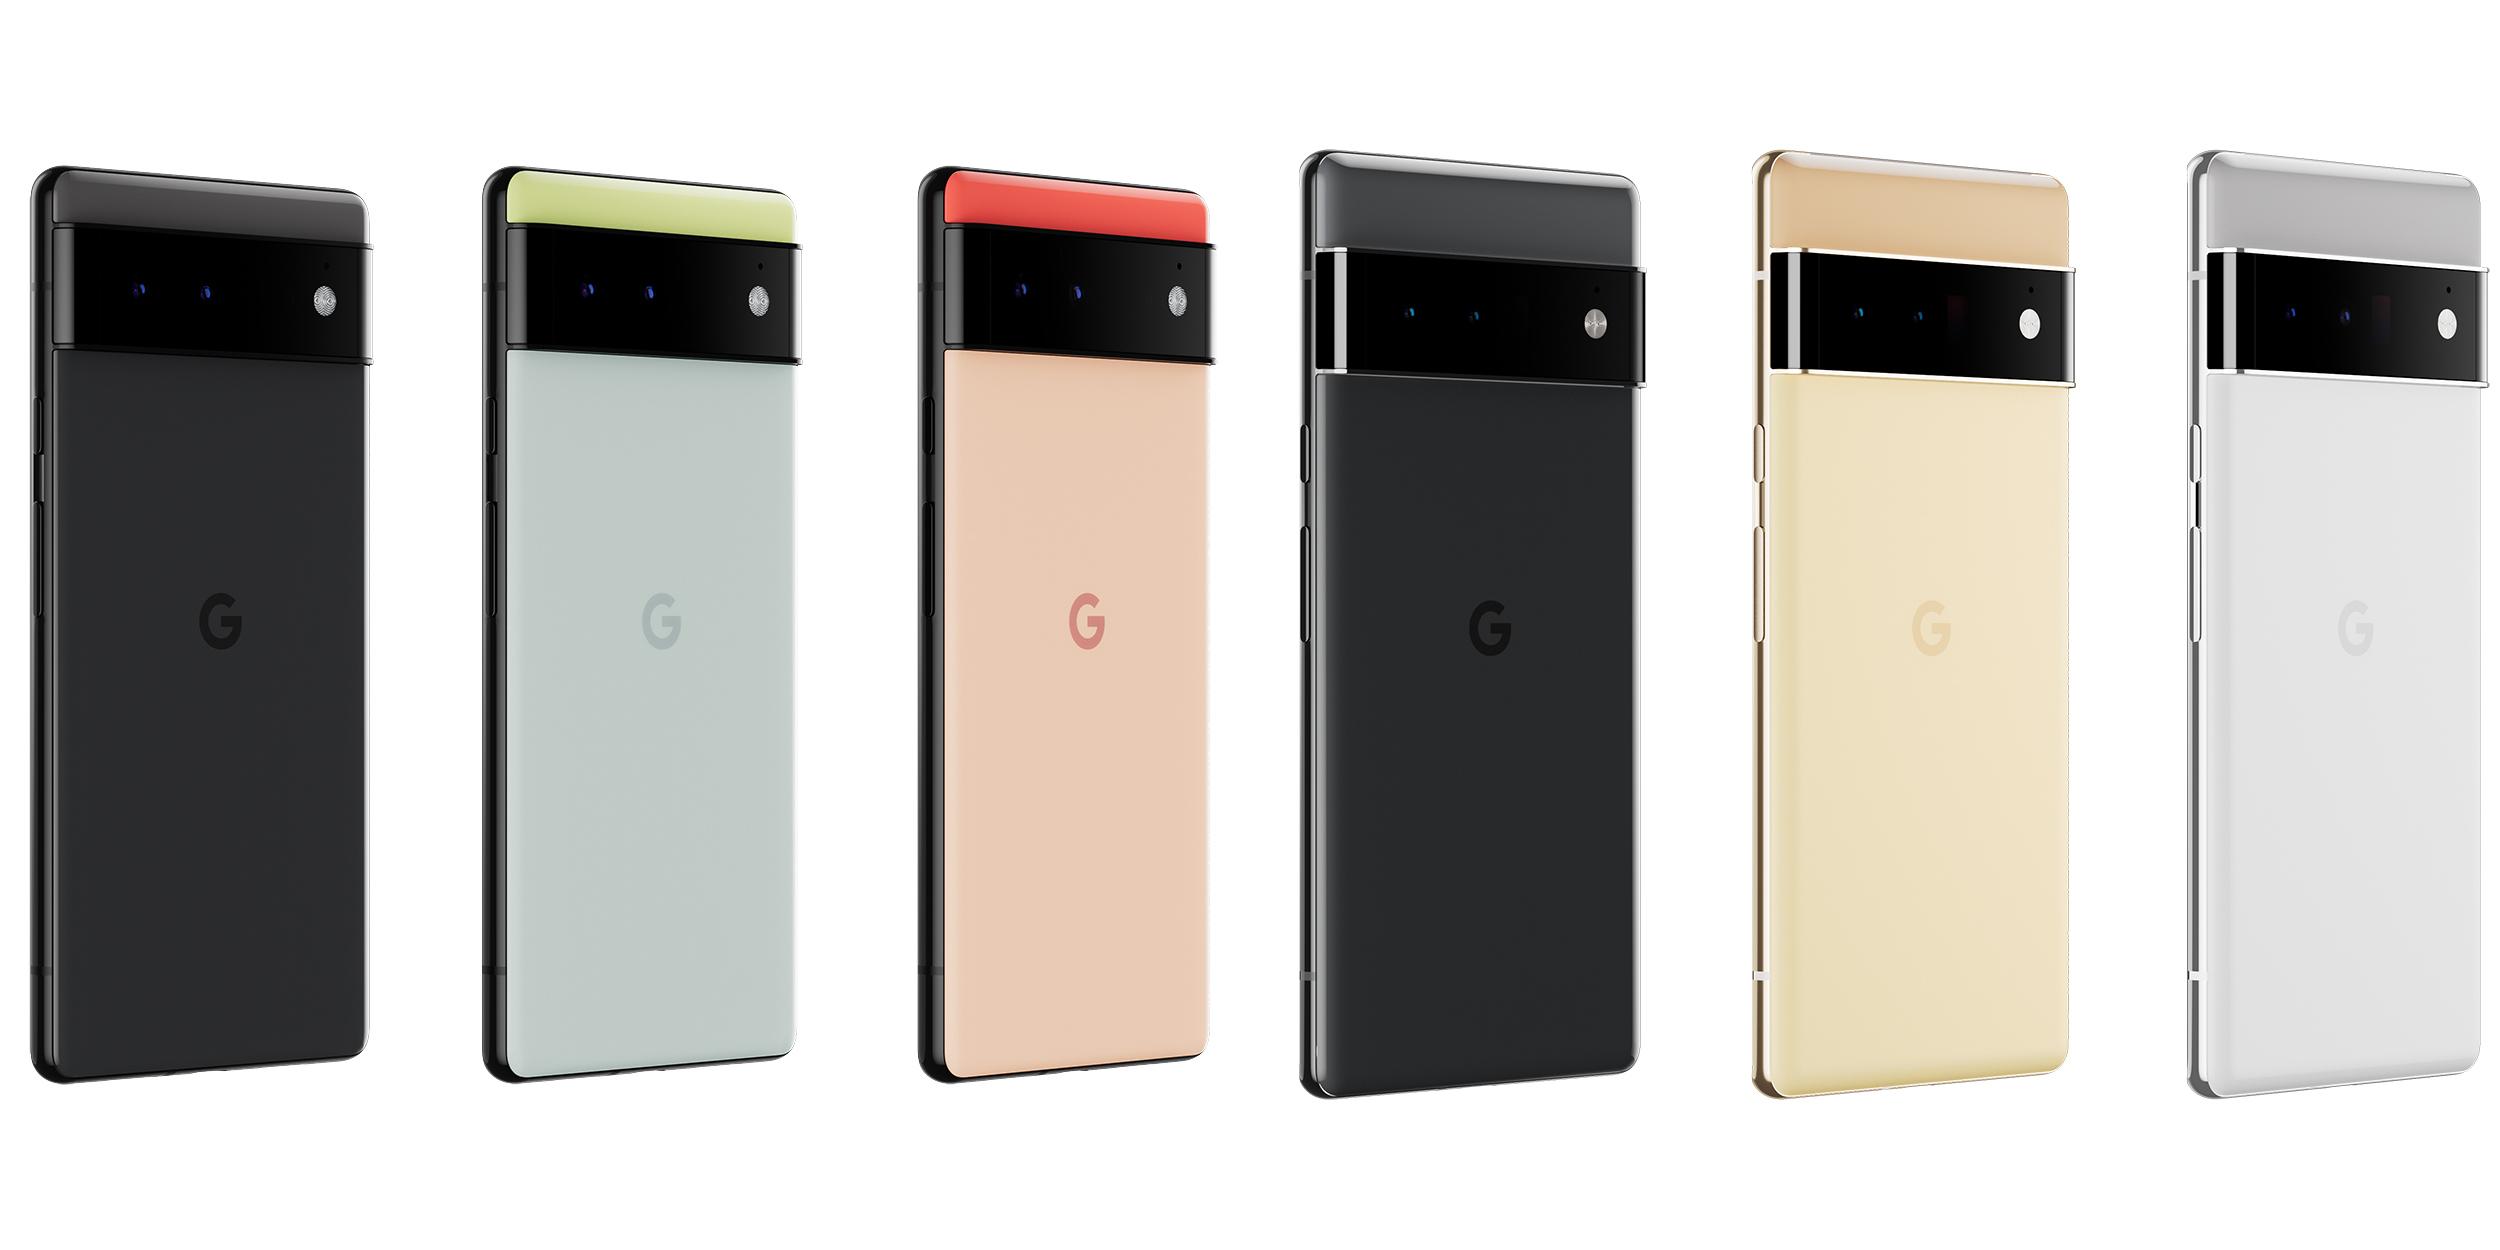 цвета Pixel 6 и 6 Pro